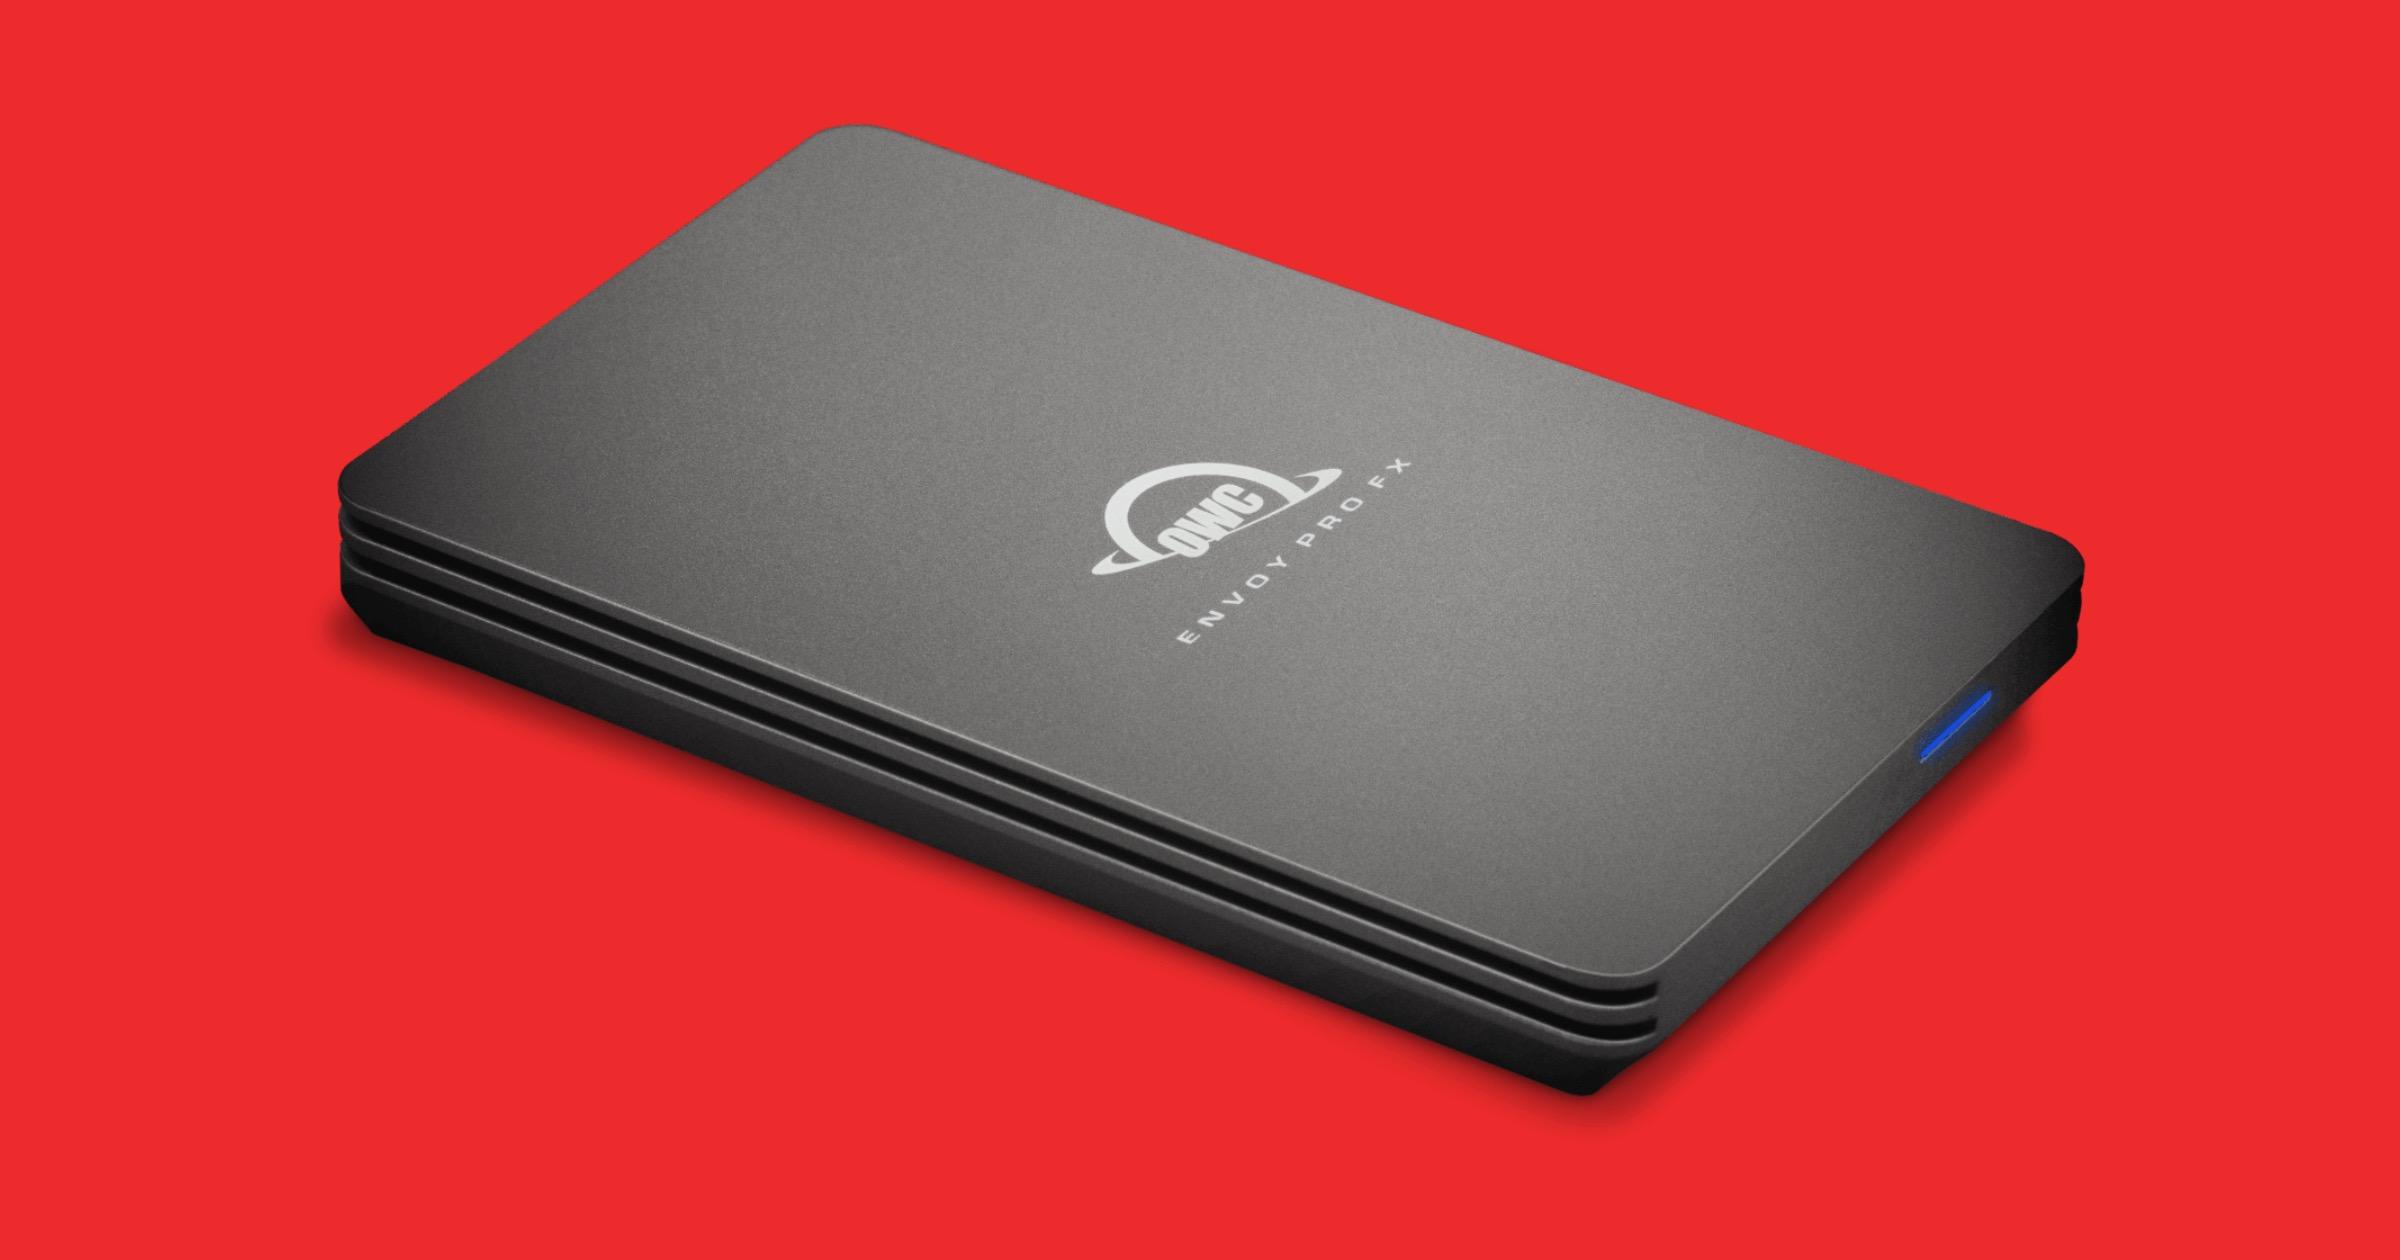 OWC ENVOY PRO FX SSD drive